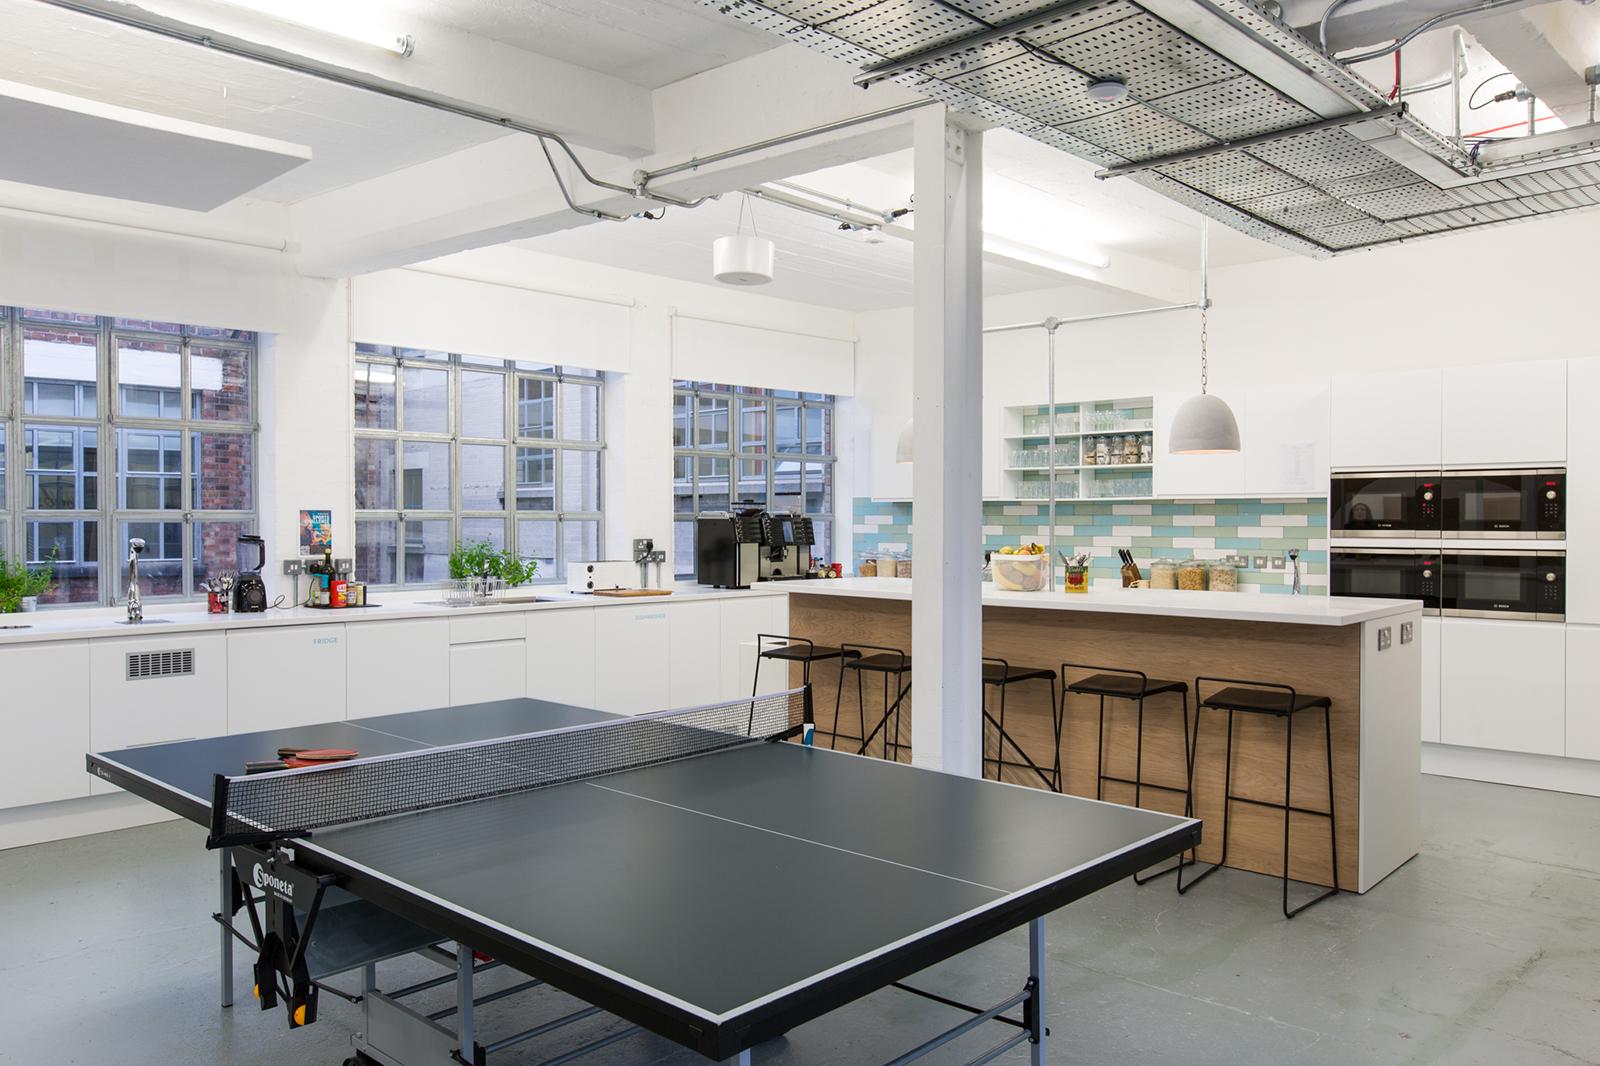 transferwirse-london-office-3